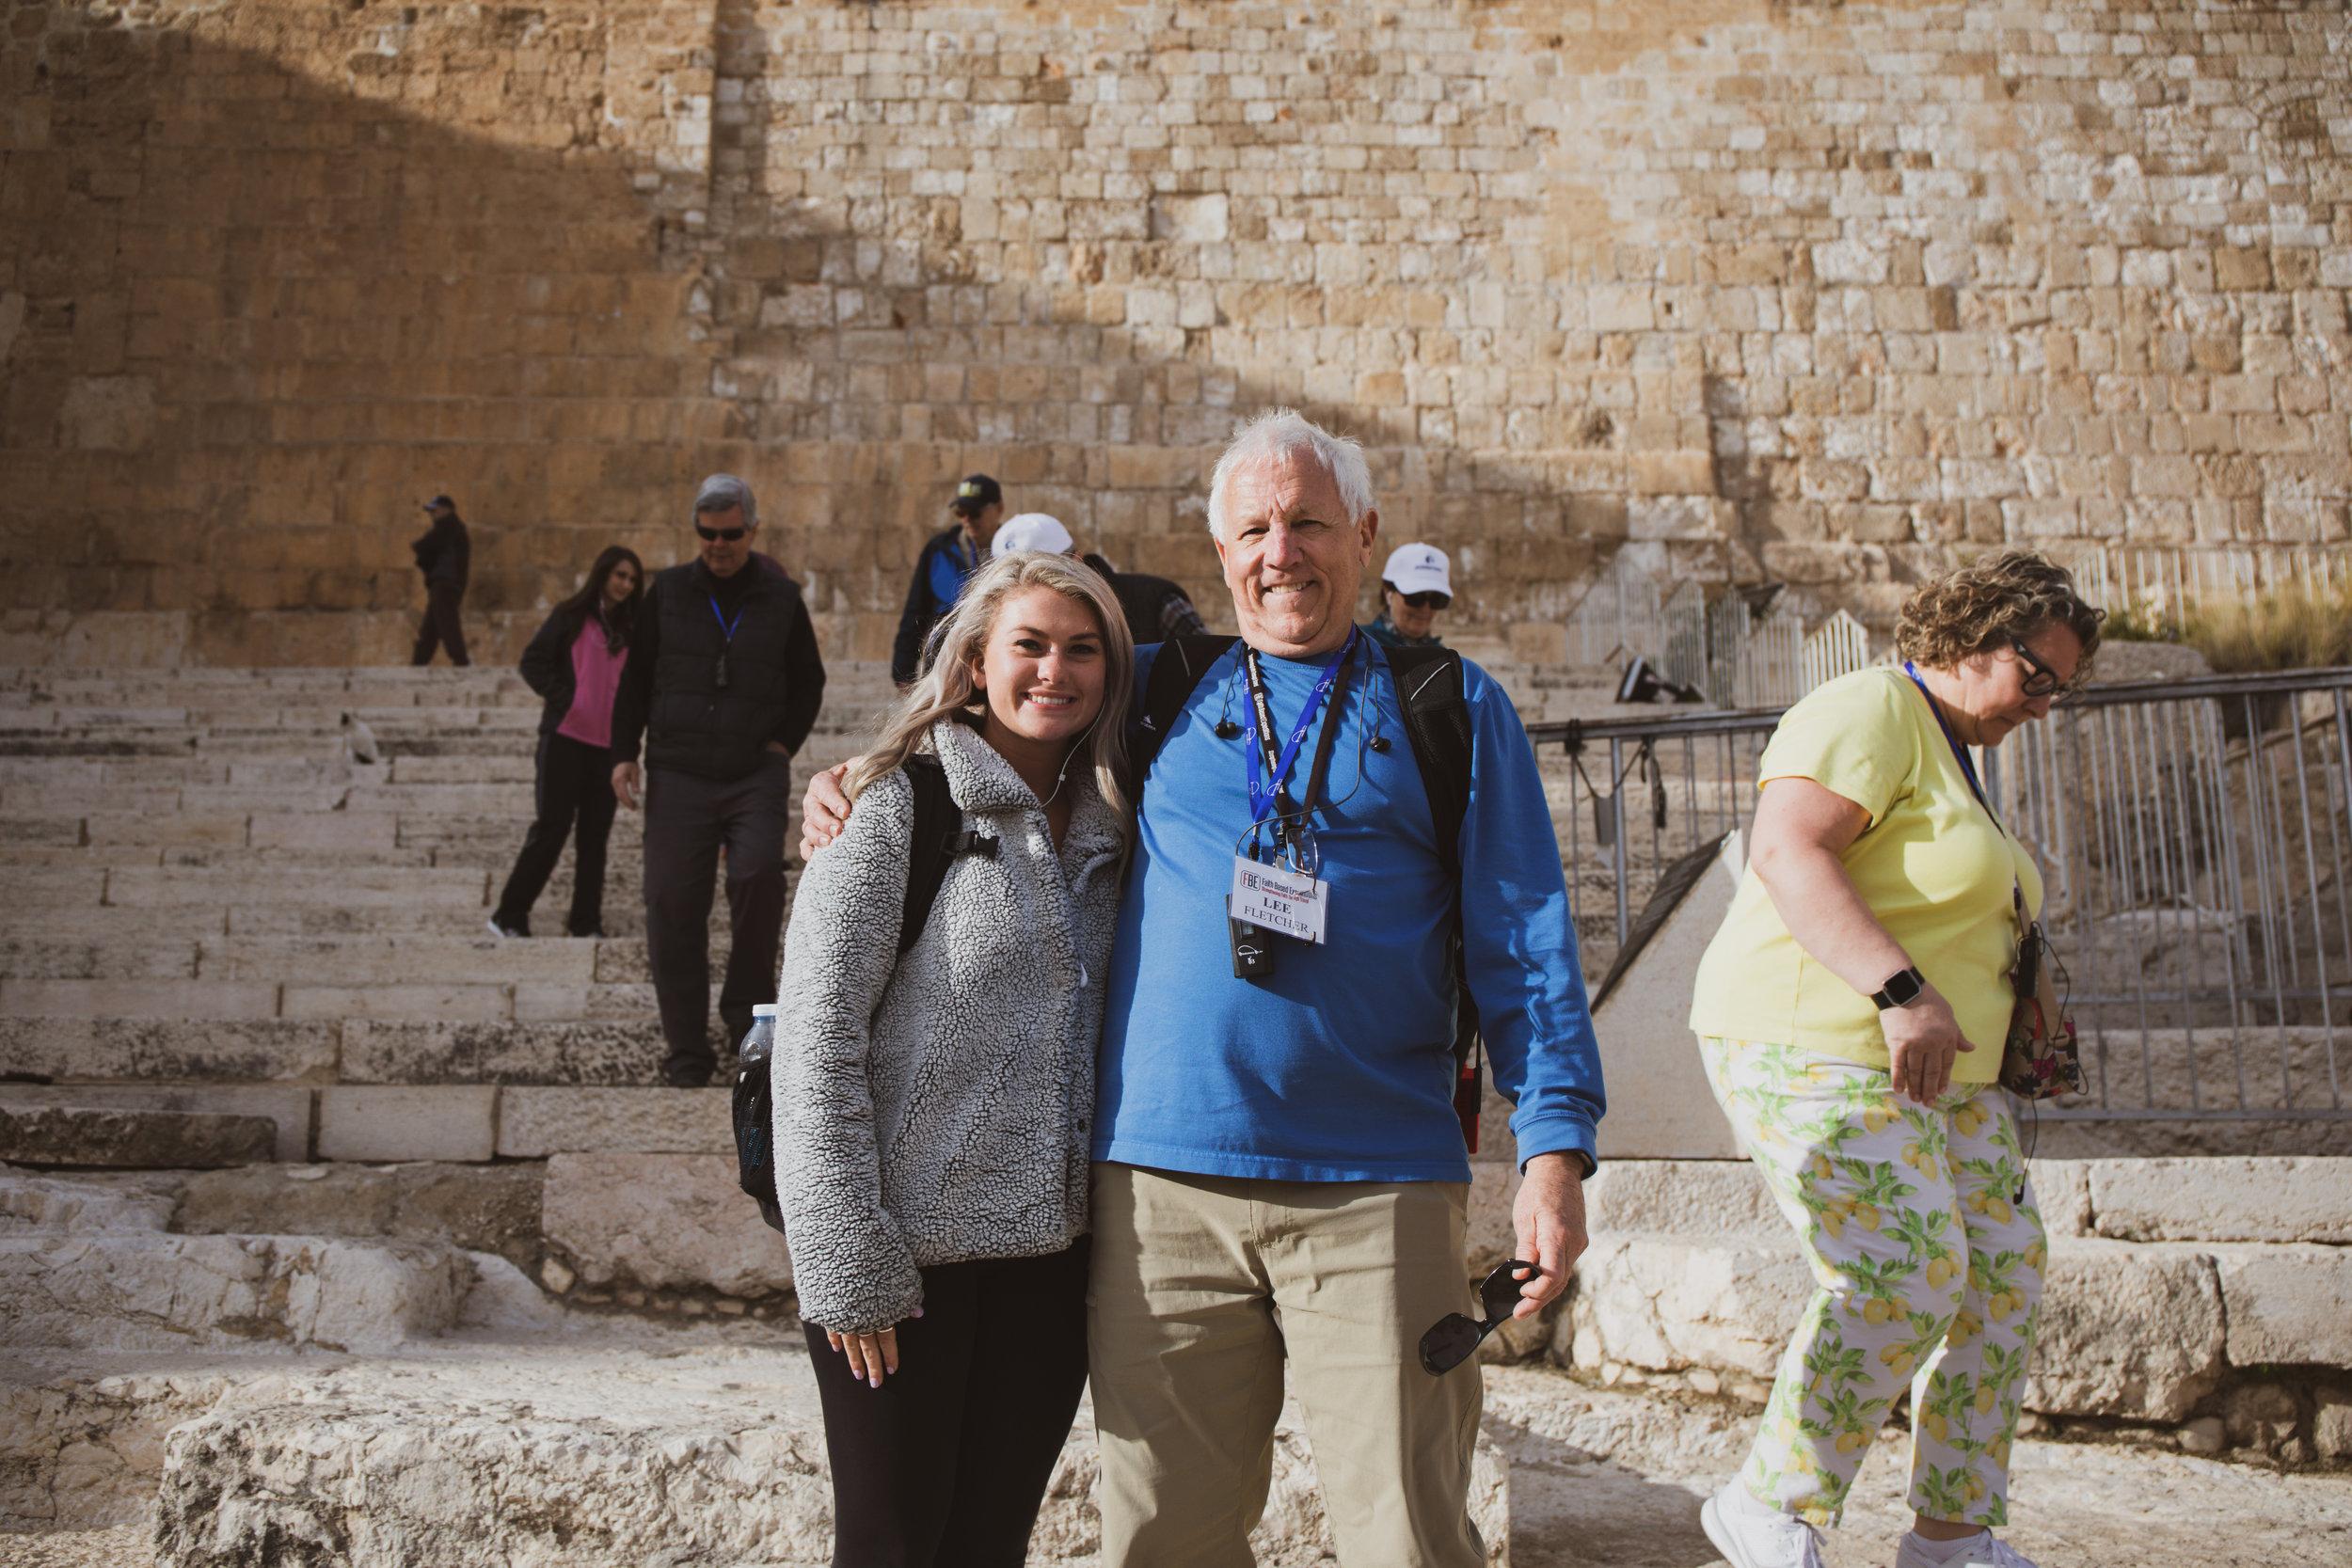 Israel_148.jpg